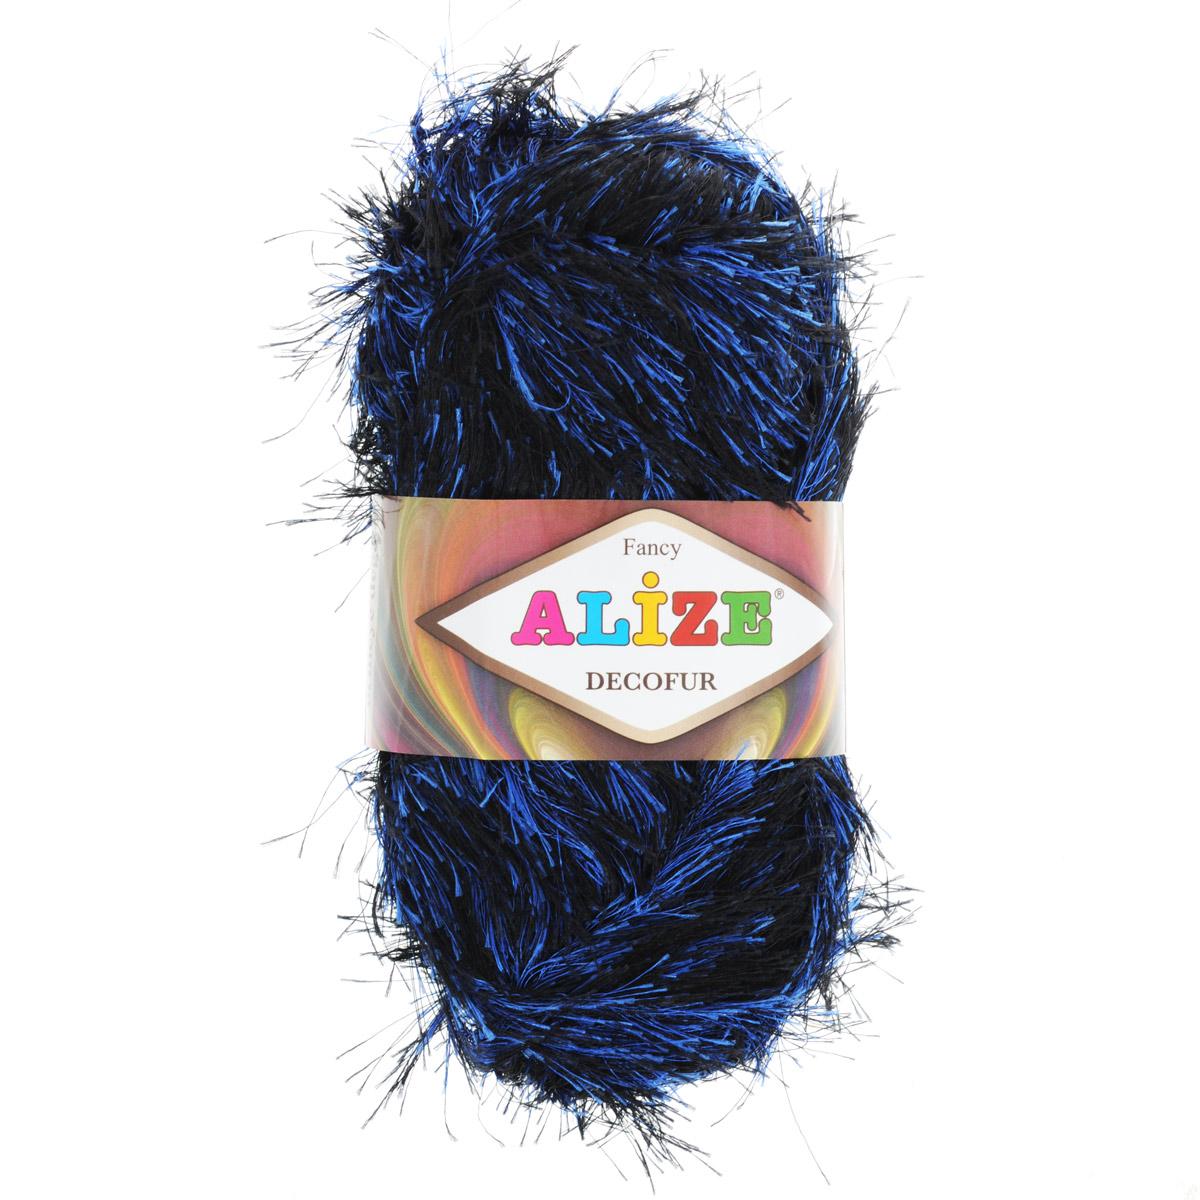 Пряжа для вязания Alize Decofur, цвет: черный, синий (1379), 110 м, 100 г, 5 шт цена